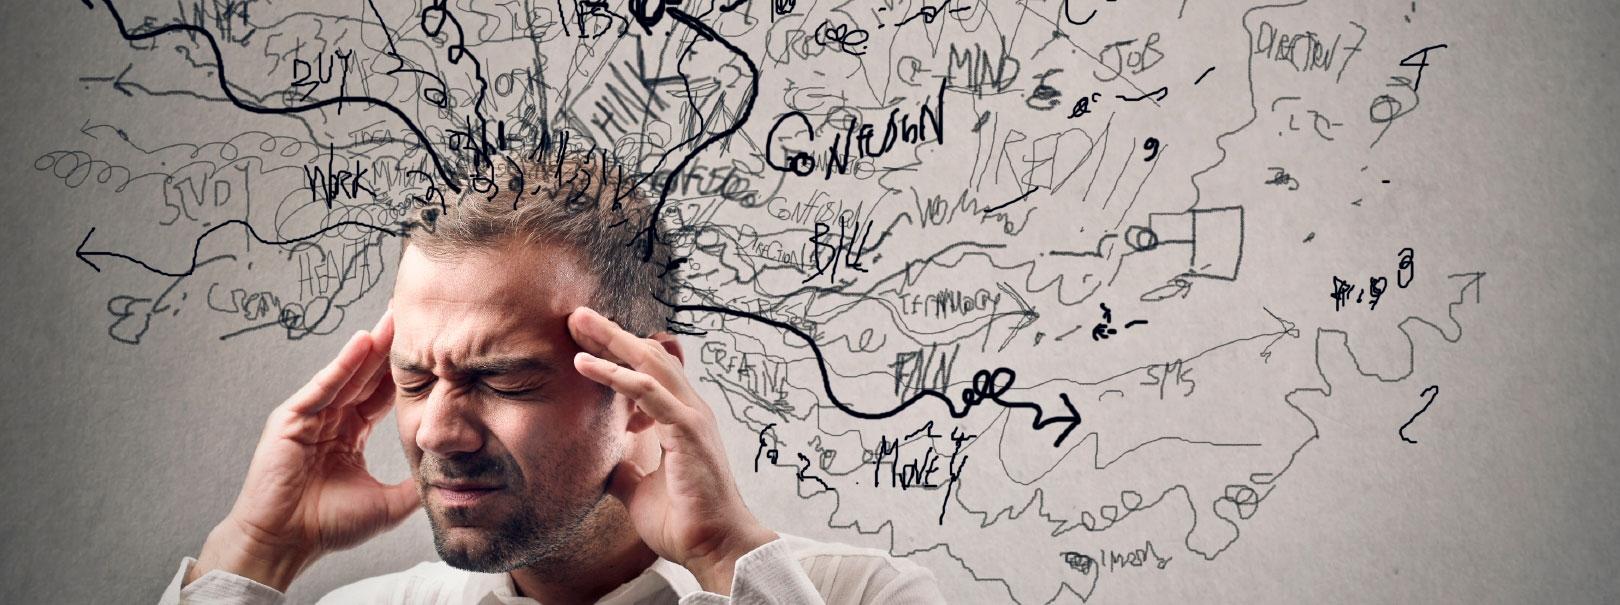 فقر، شیوع اختلالات روانپزشکی را ۱.۵ برابر میکند